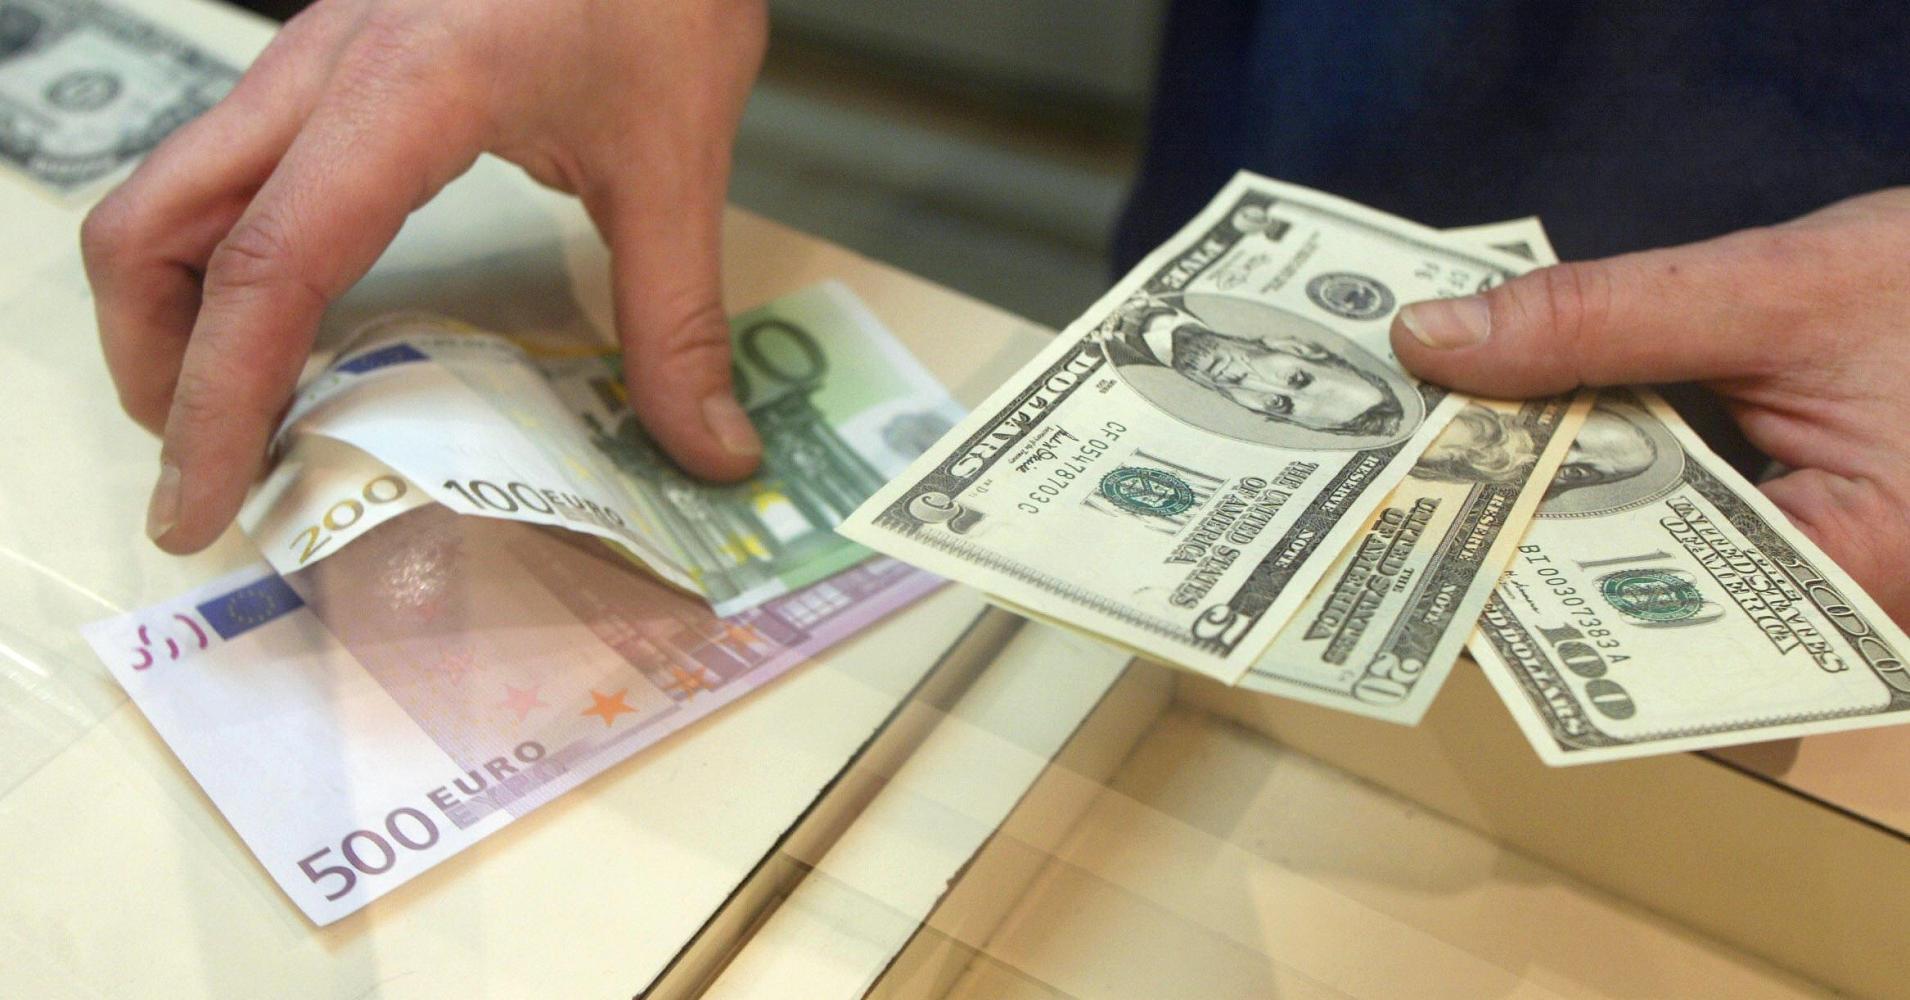 نرخ 26 ارز افزایش یافت/ ثبت رقم صفر در صرافی ملی/ دلار بدون تغییر در بانک مرکزی